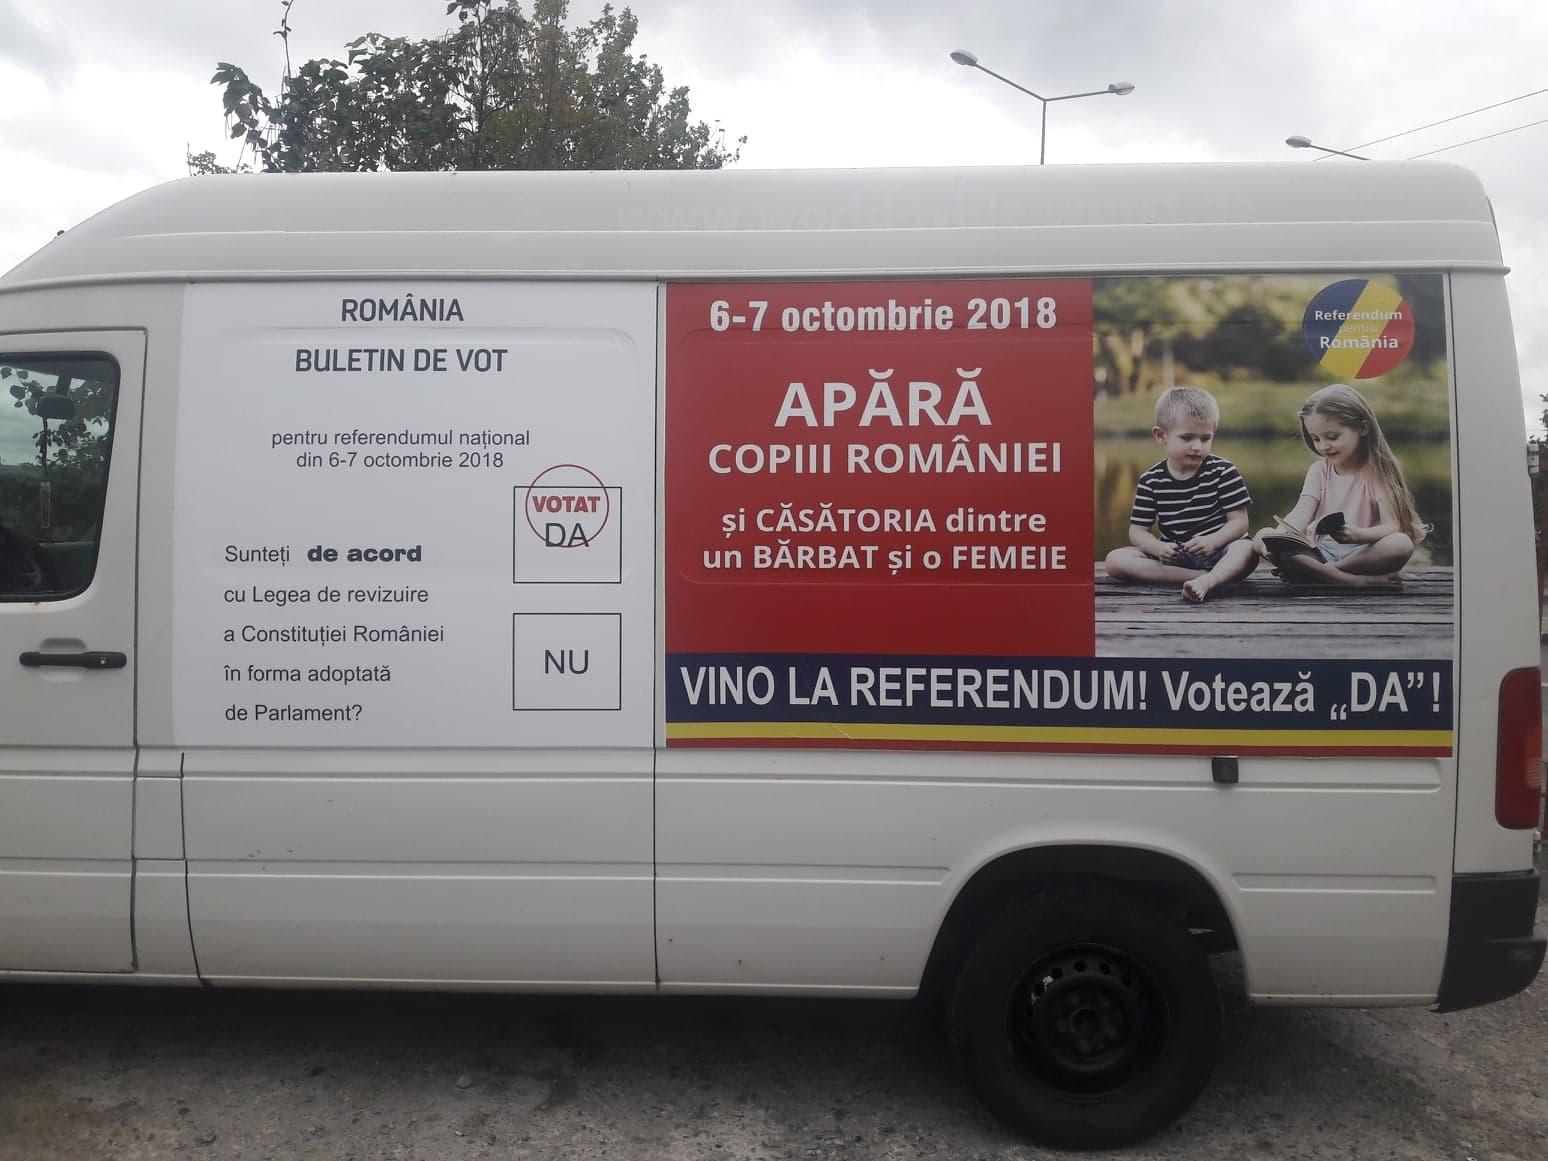 <i>Alerta!</i> – EXTREM DE GRAV si FARA PRECEDENT/ <i>UPDATE</i>: Se trece si la impiedicarea dreptului la vot?/ SABOTAREA INSTITUTIONALA A REFERENDUMULUI. Coalitia pentru Familie este obstructionata de BEC, comunicarea pe tema referendumului este limitata arbitrar, iar in unele judete inca nu exista Birouri Electorale!